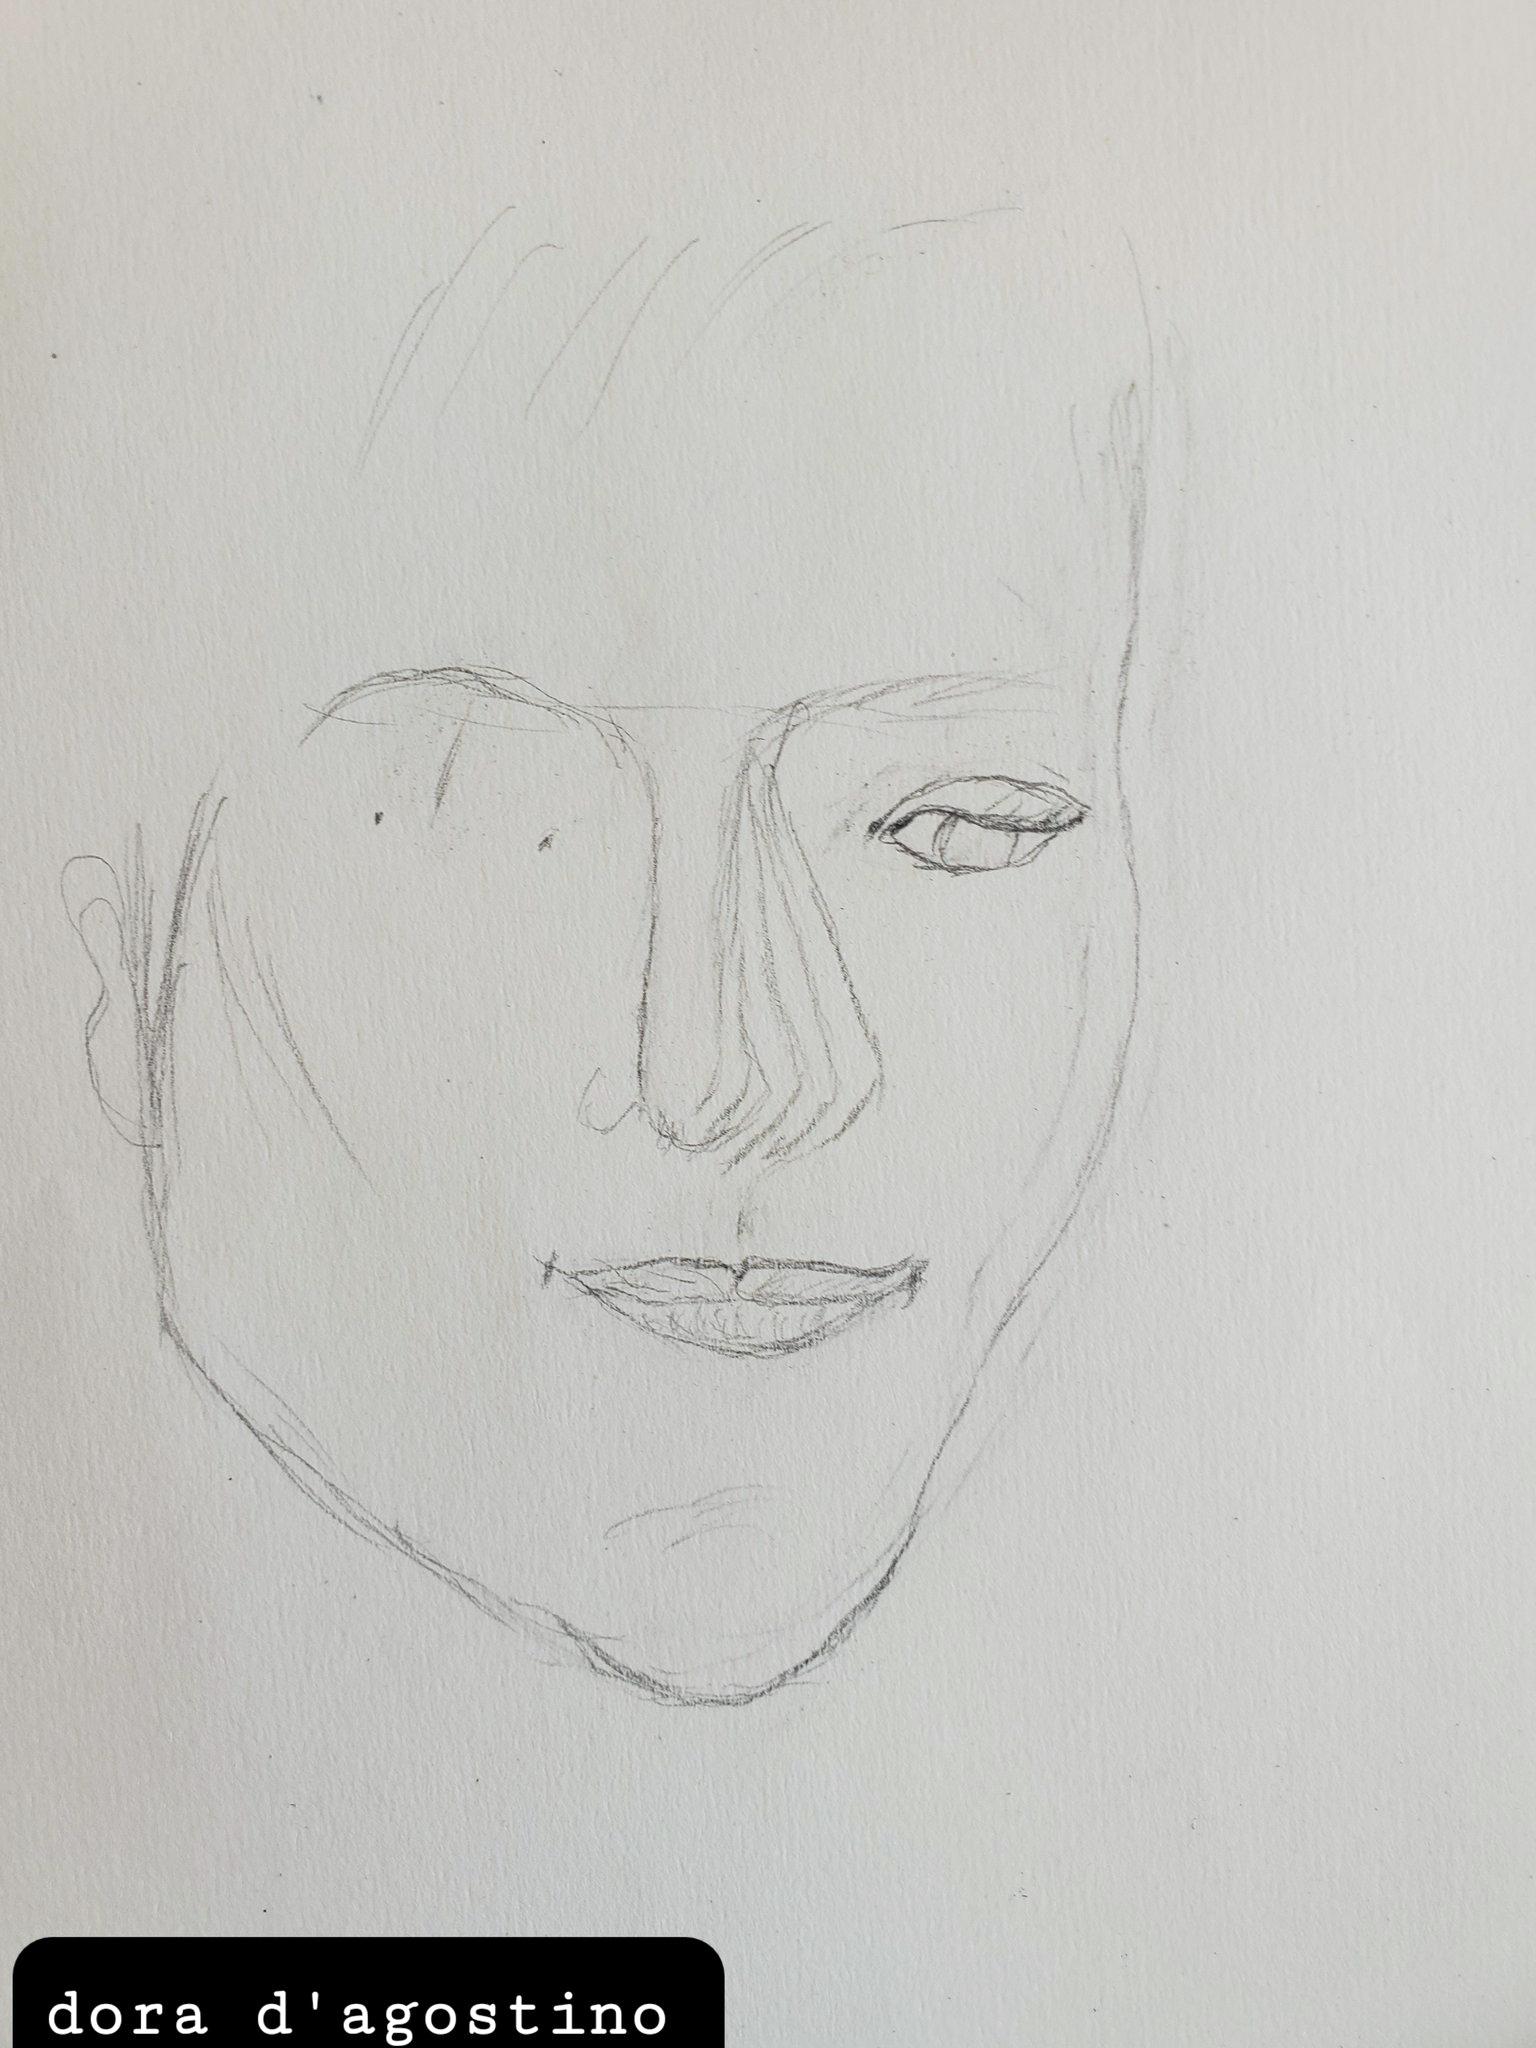 David Boles, as drawn by Dora D'Agostino on 01-27-21